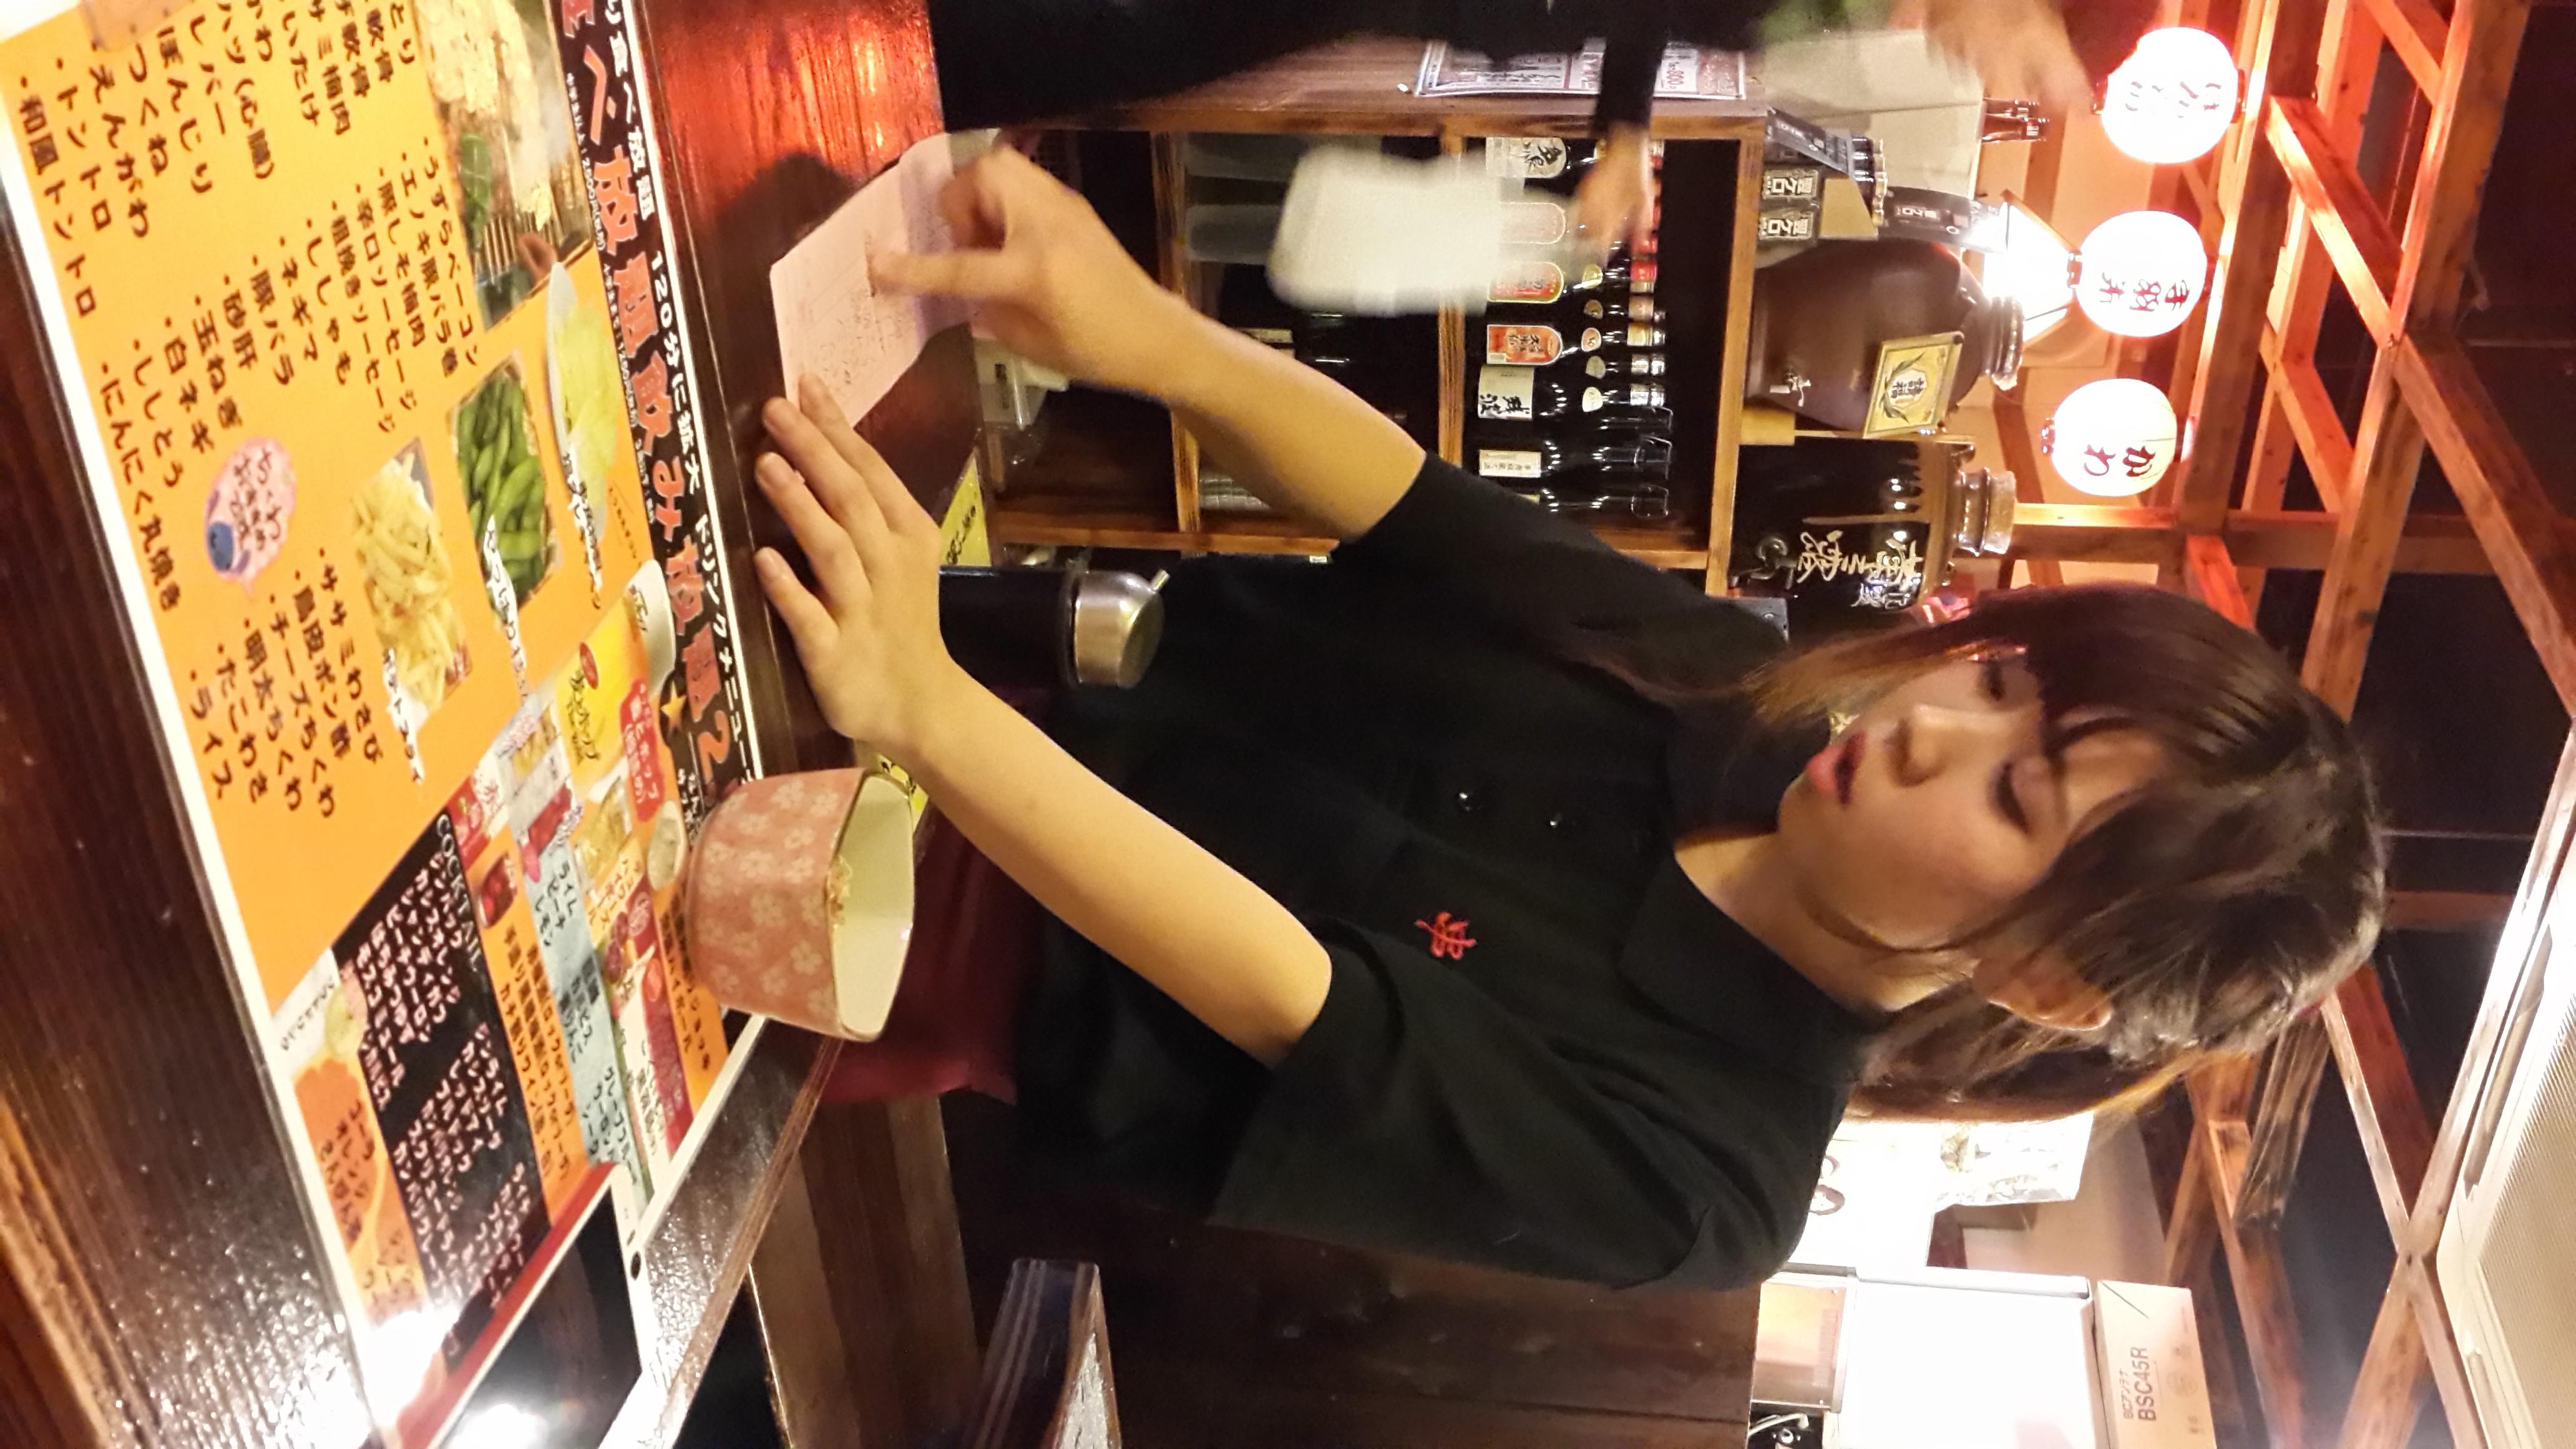 [沖繩]旭橋站美食 串角 炭燒居酒屋 串燒吃到飽 | 阿孩分享